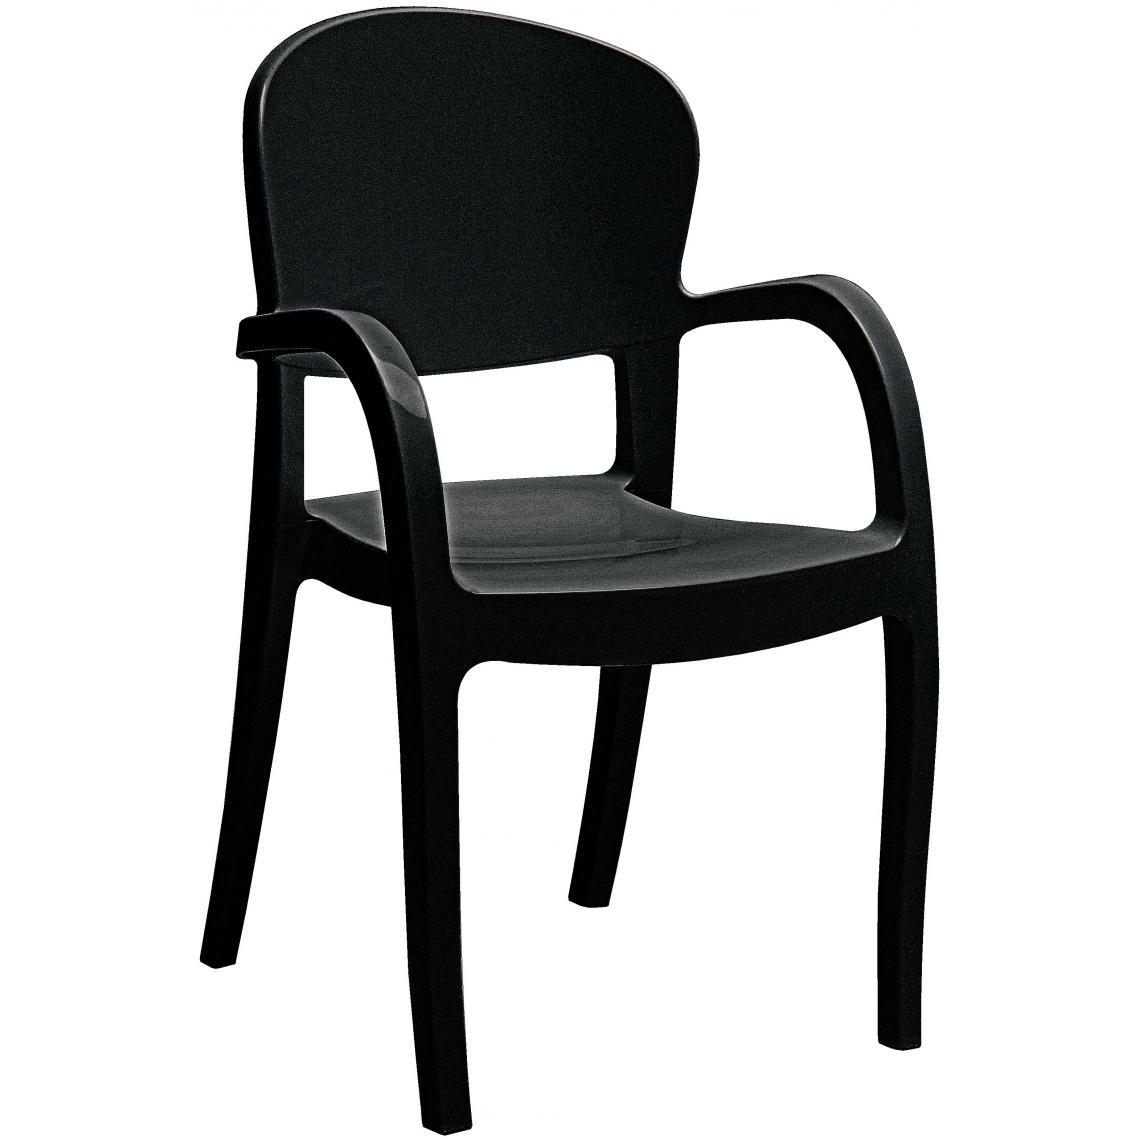 Chaise Design Noire Avec Accoudoirs GLAM